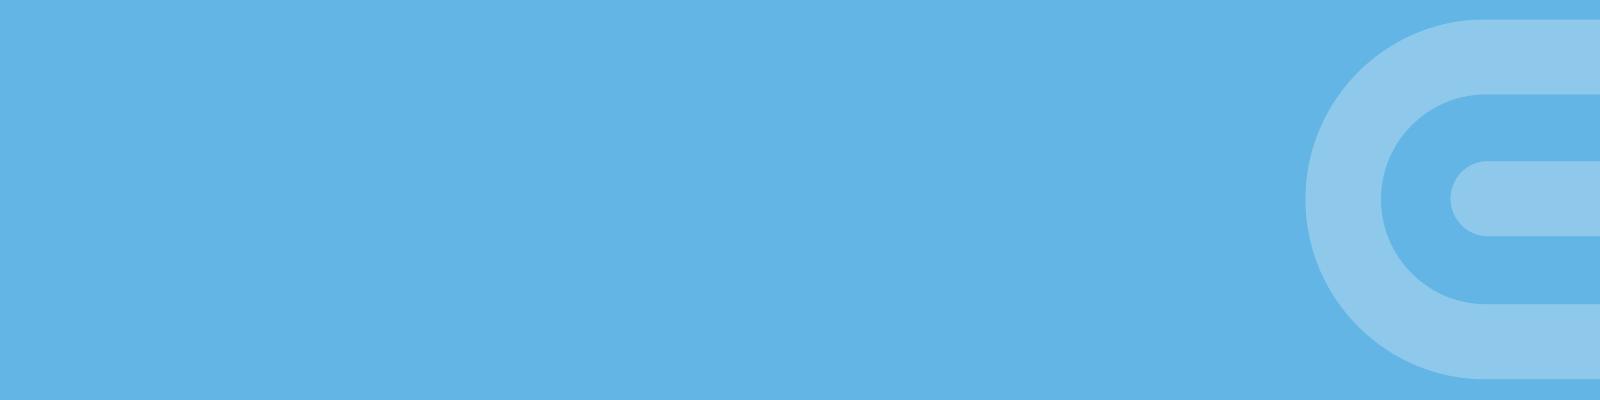 Banner Little C - light blue